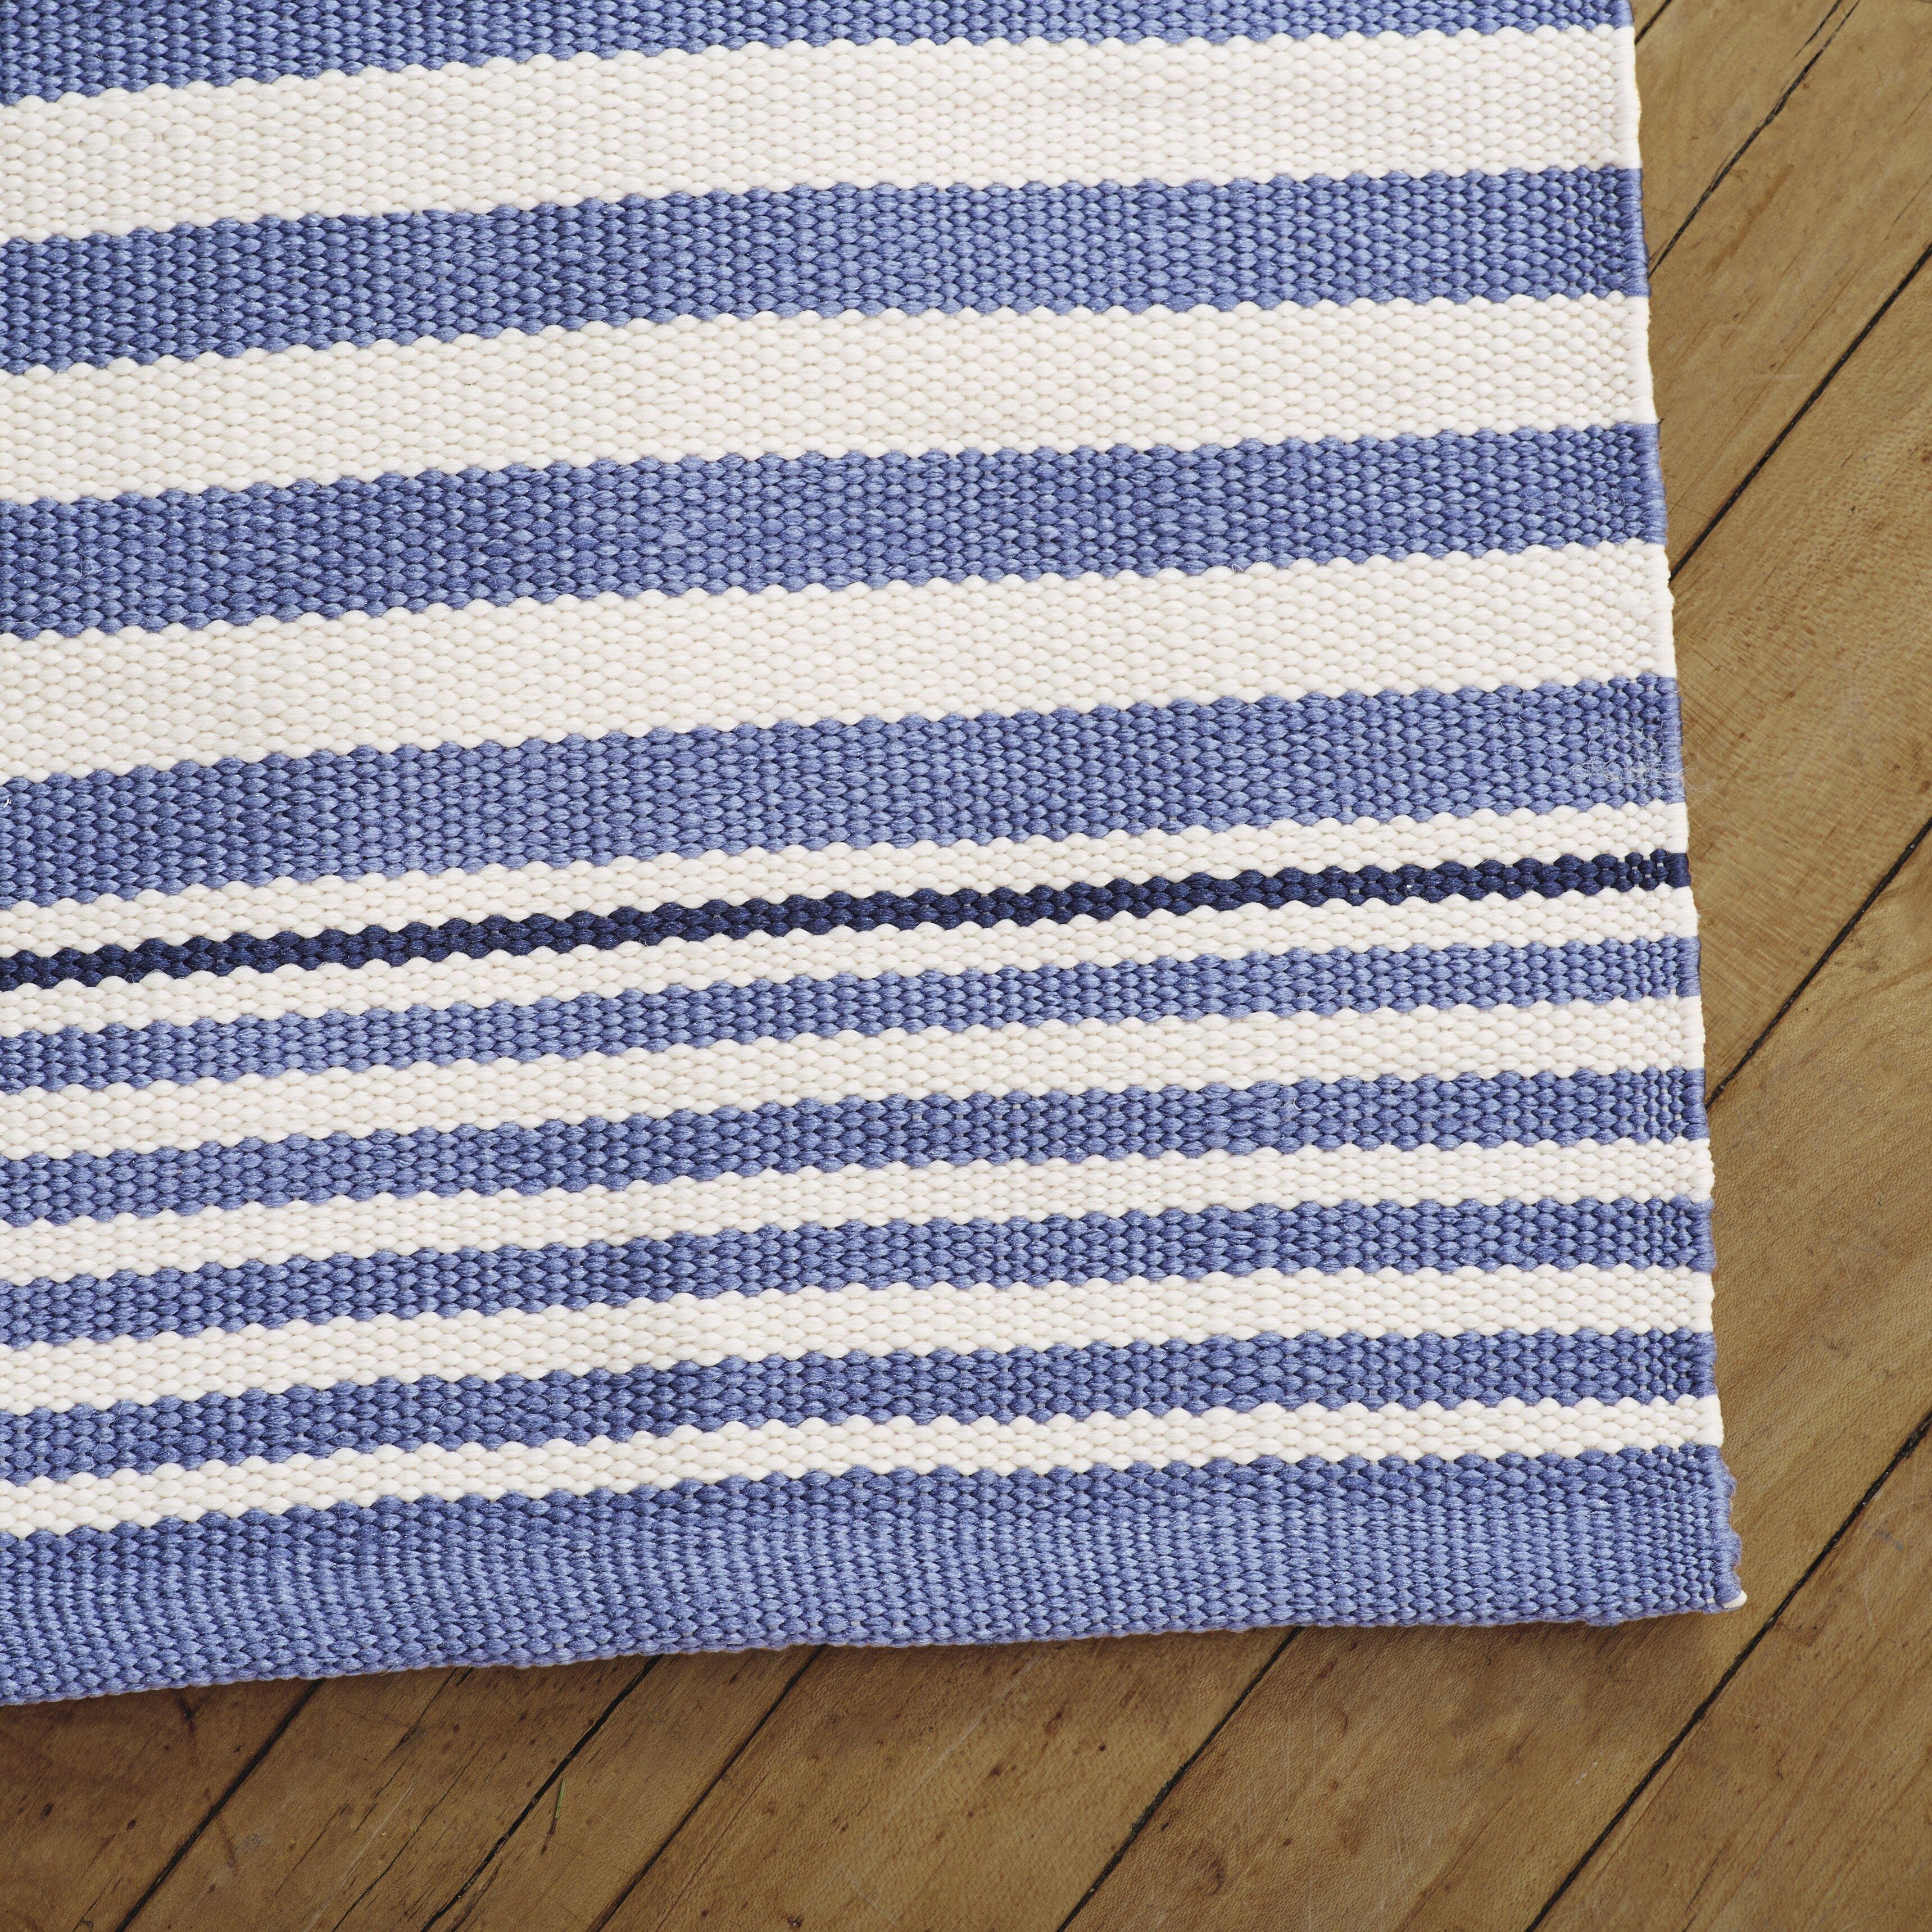 Dash and Albert Rugs Indoor Outdoor Hand Woven Blue Area